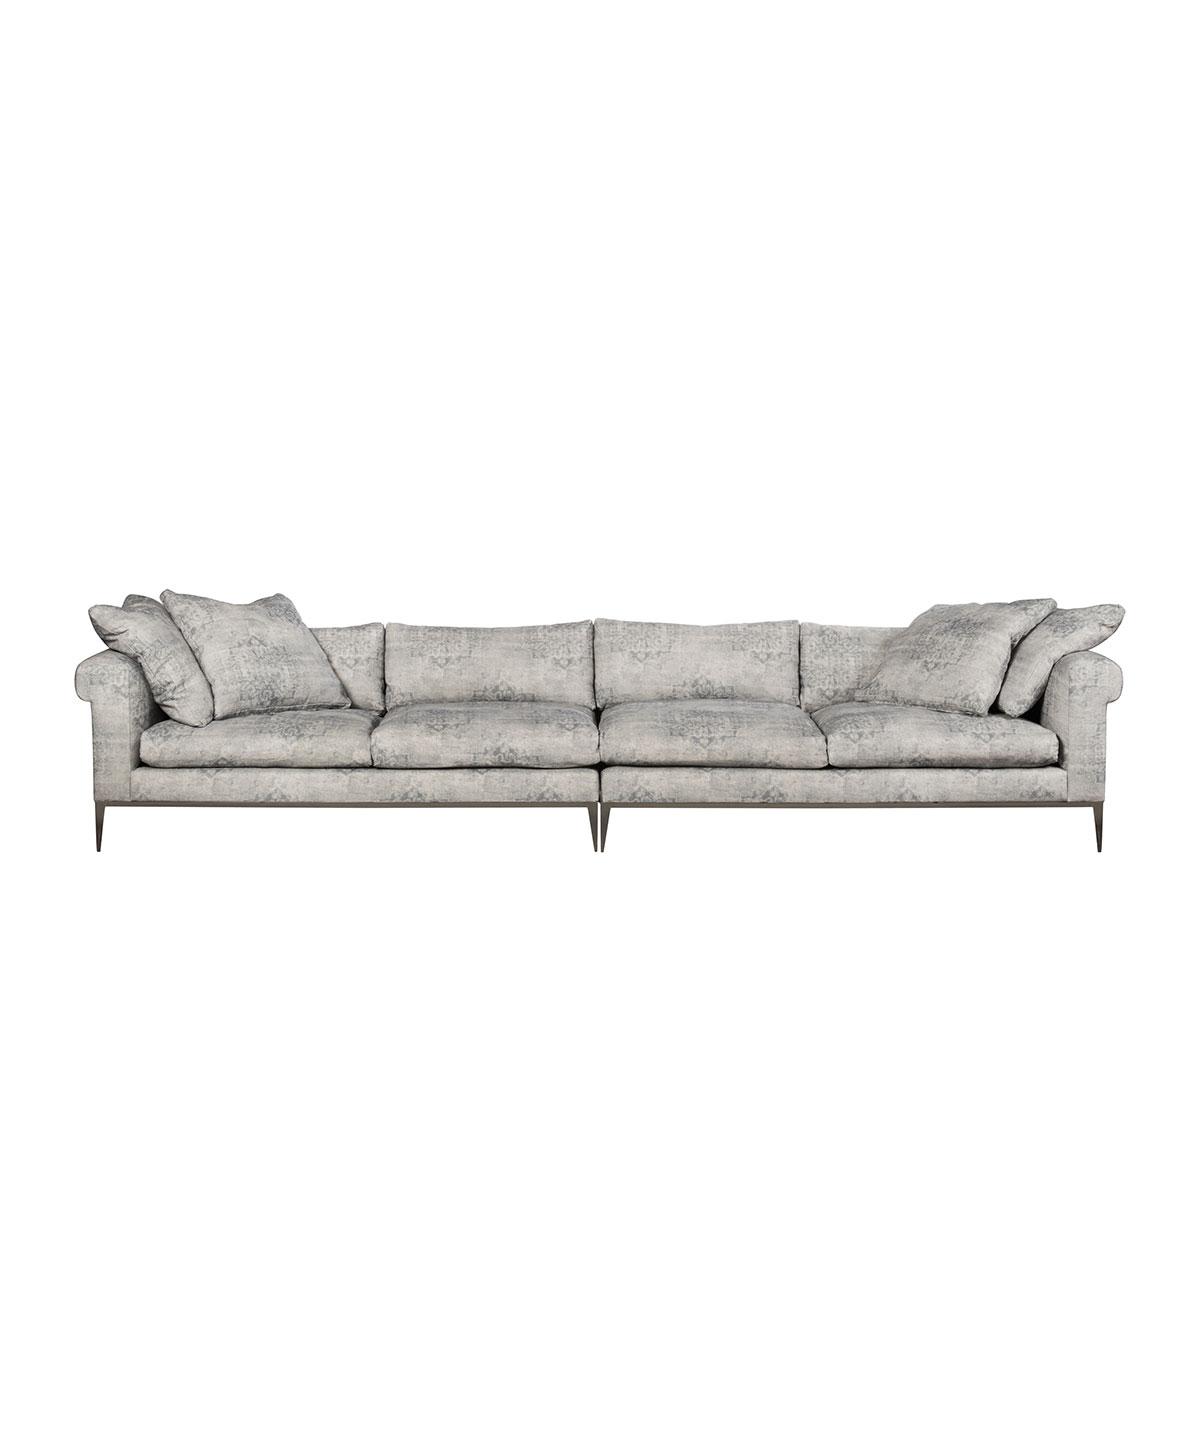 Henry 2 Piece Sofa